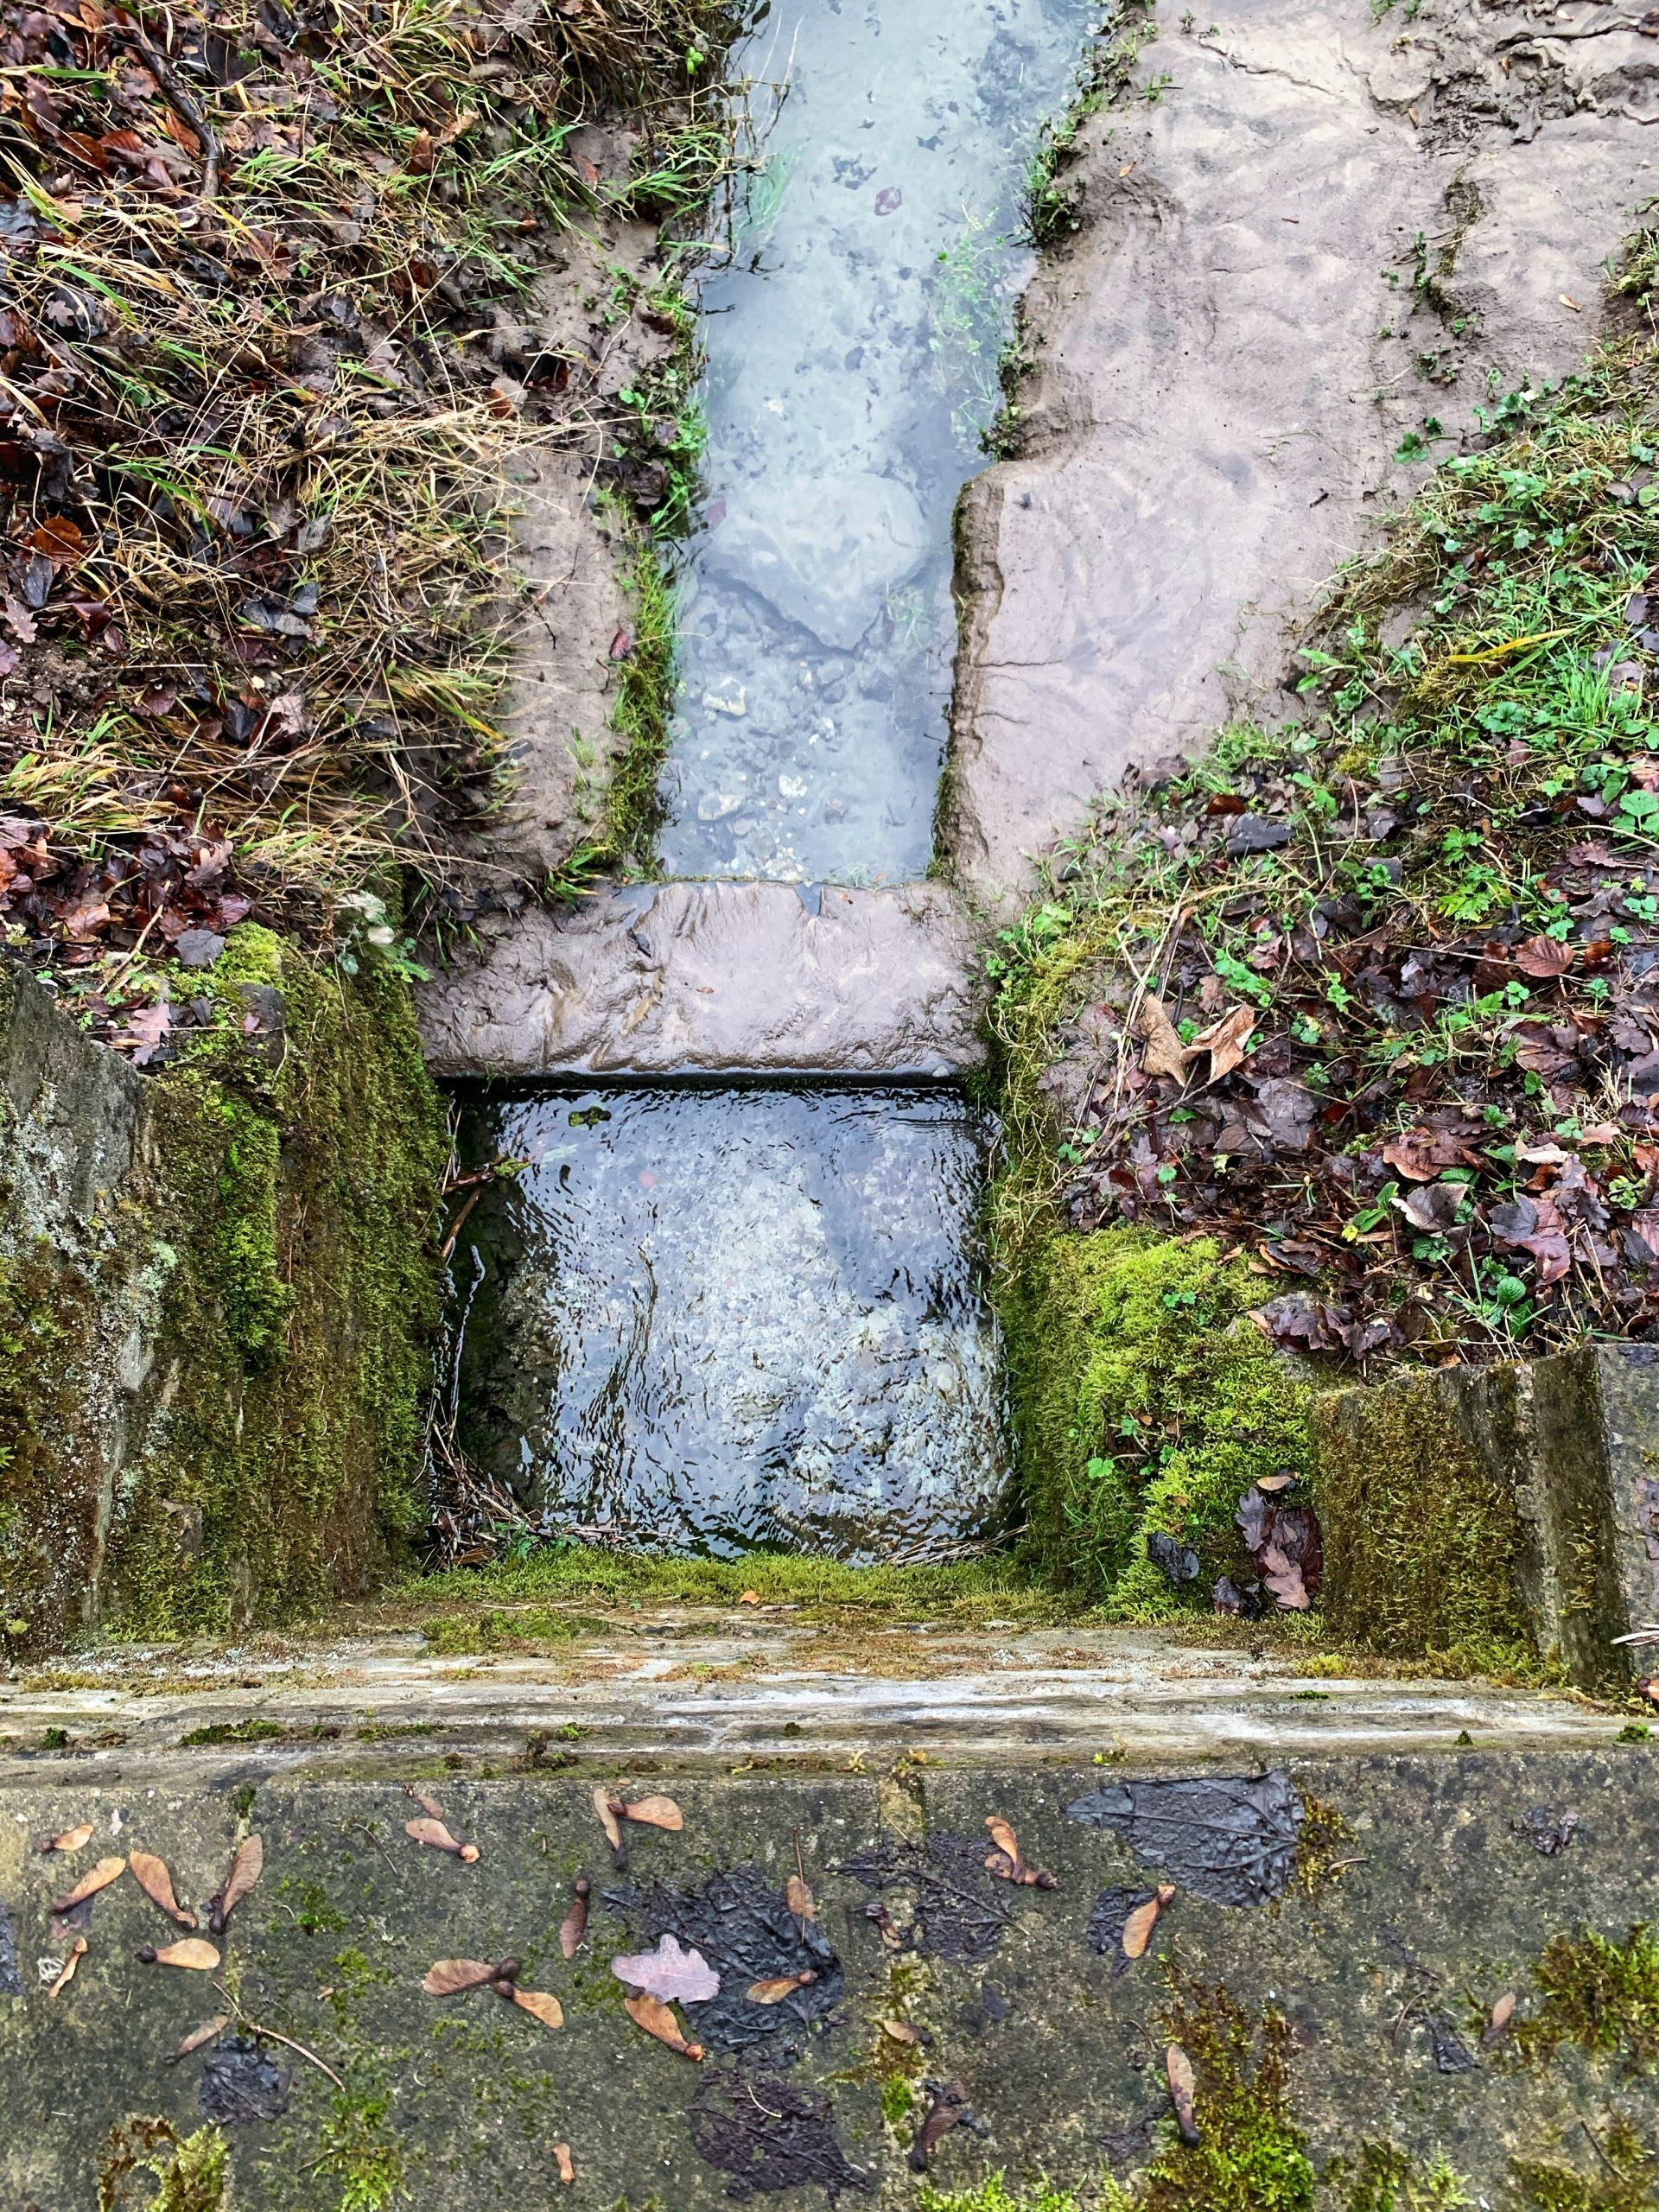 cammino della fortuna dag 31 terug naar de bron